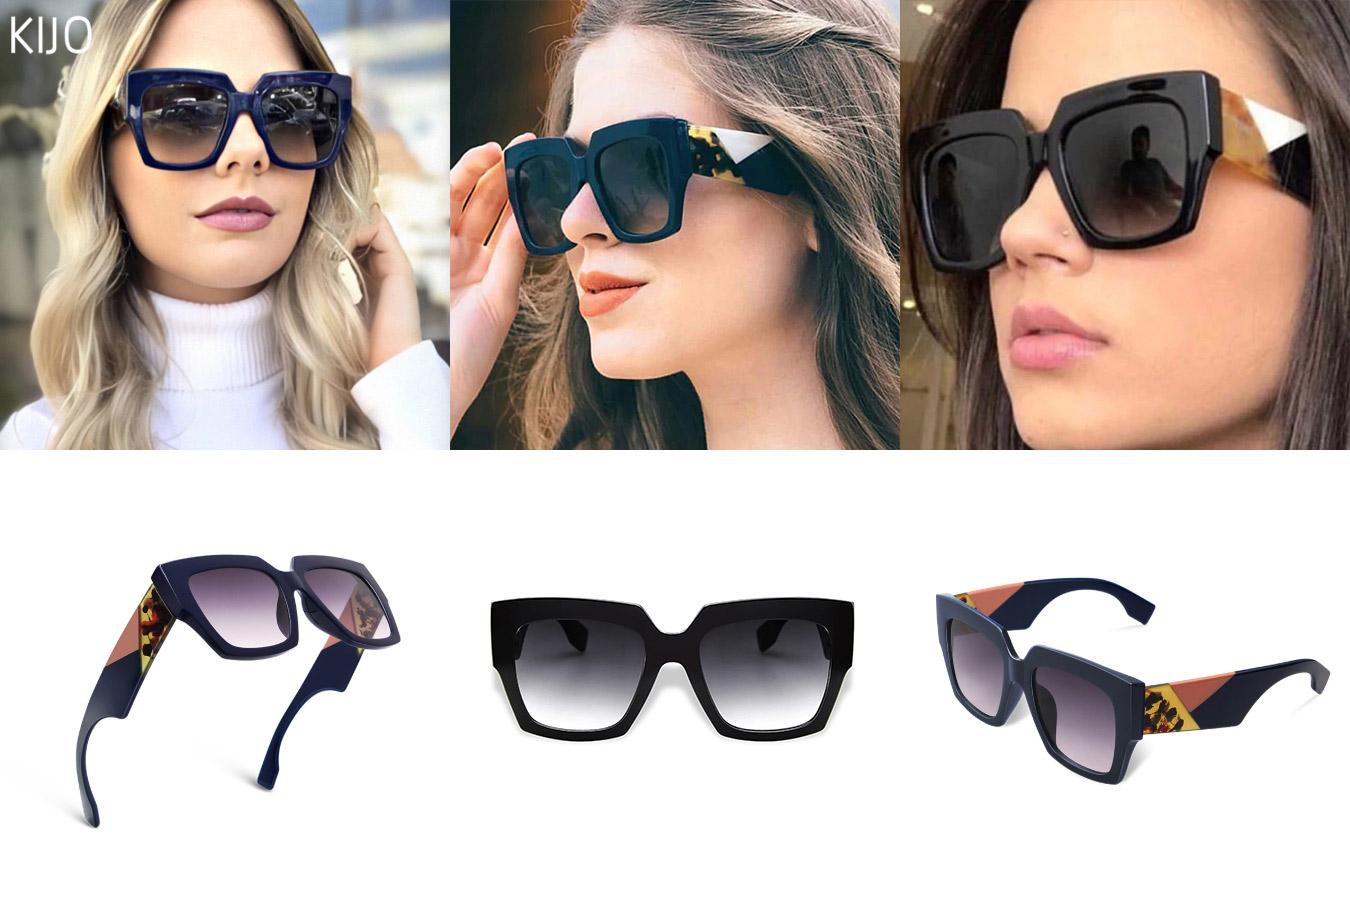 Крупные очки оверсайз с дизайнерской оправой